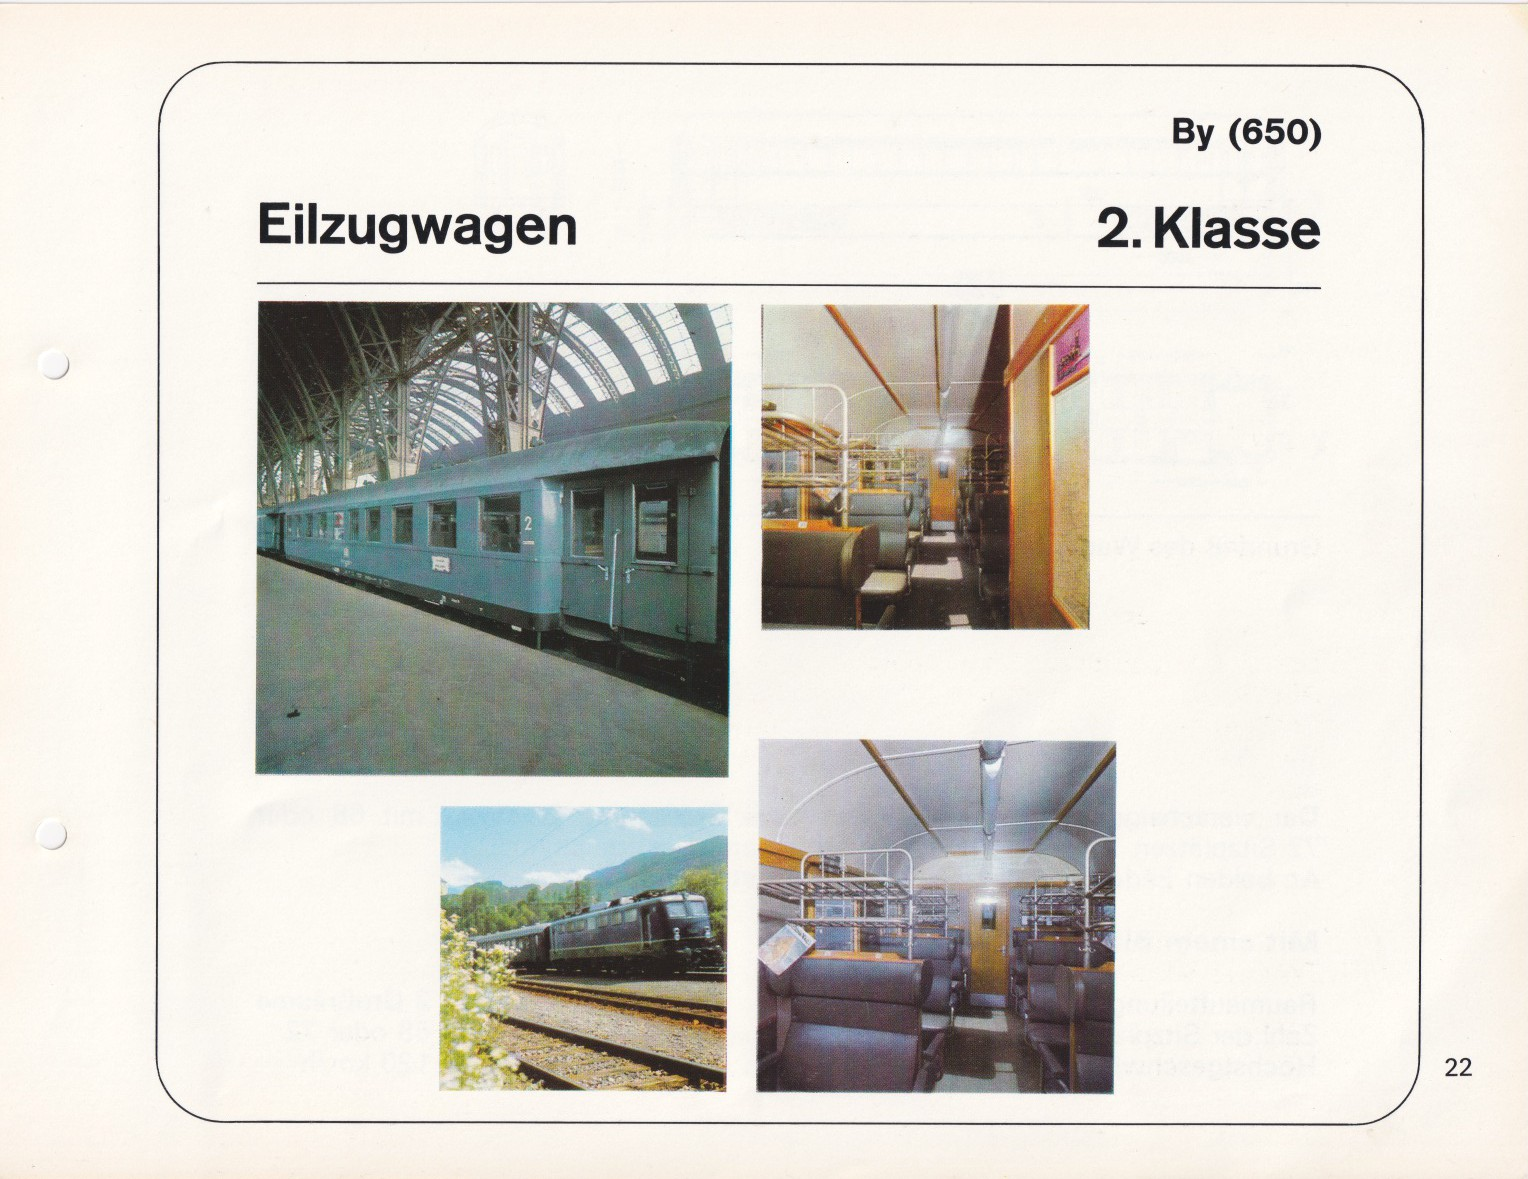 https://www.nullclub.de/hifo/Fahrzeuglexikon/Wagen22a.jpg